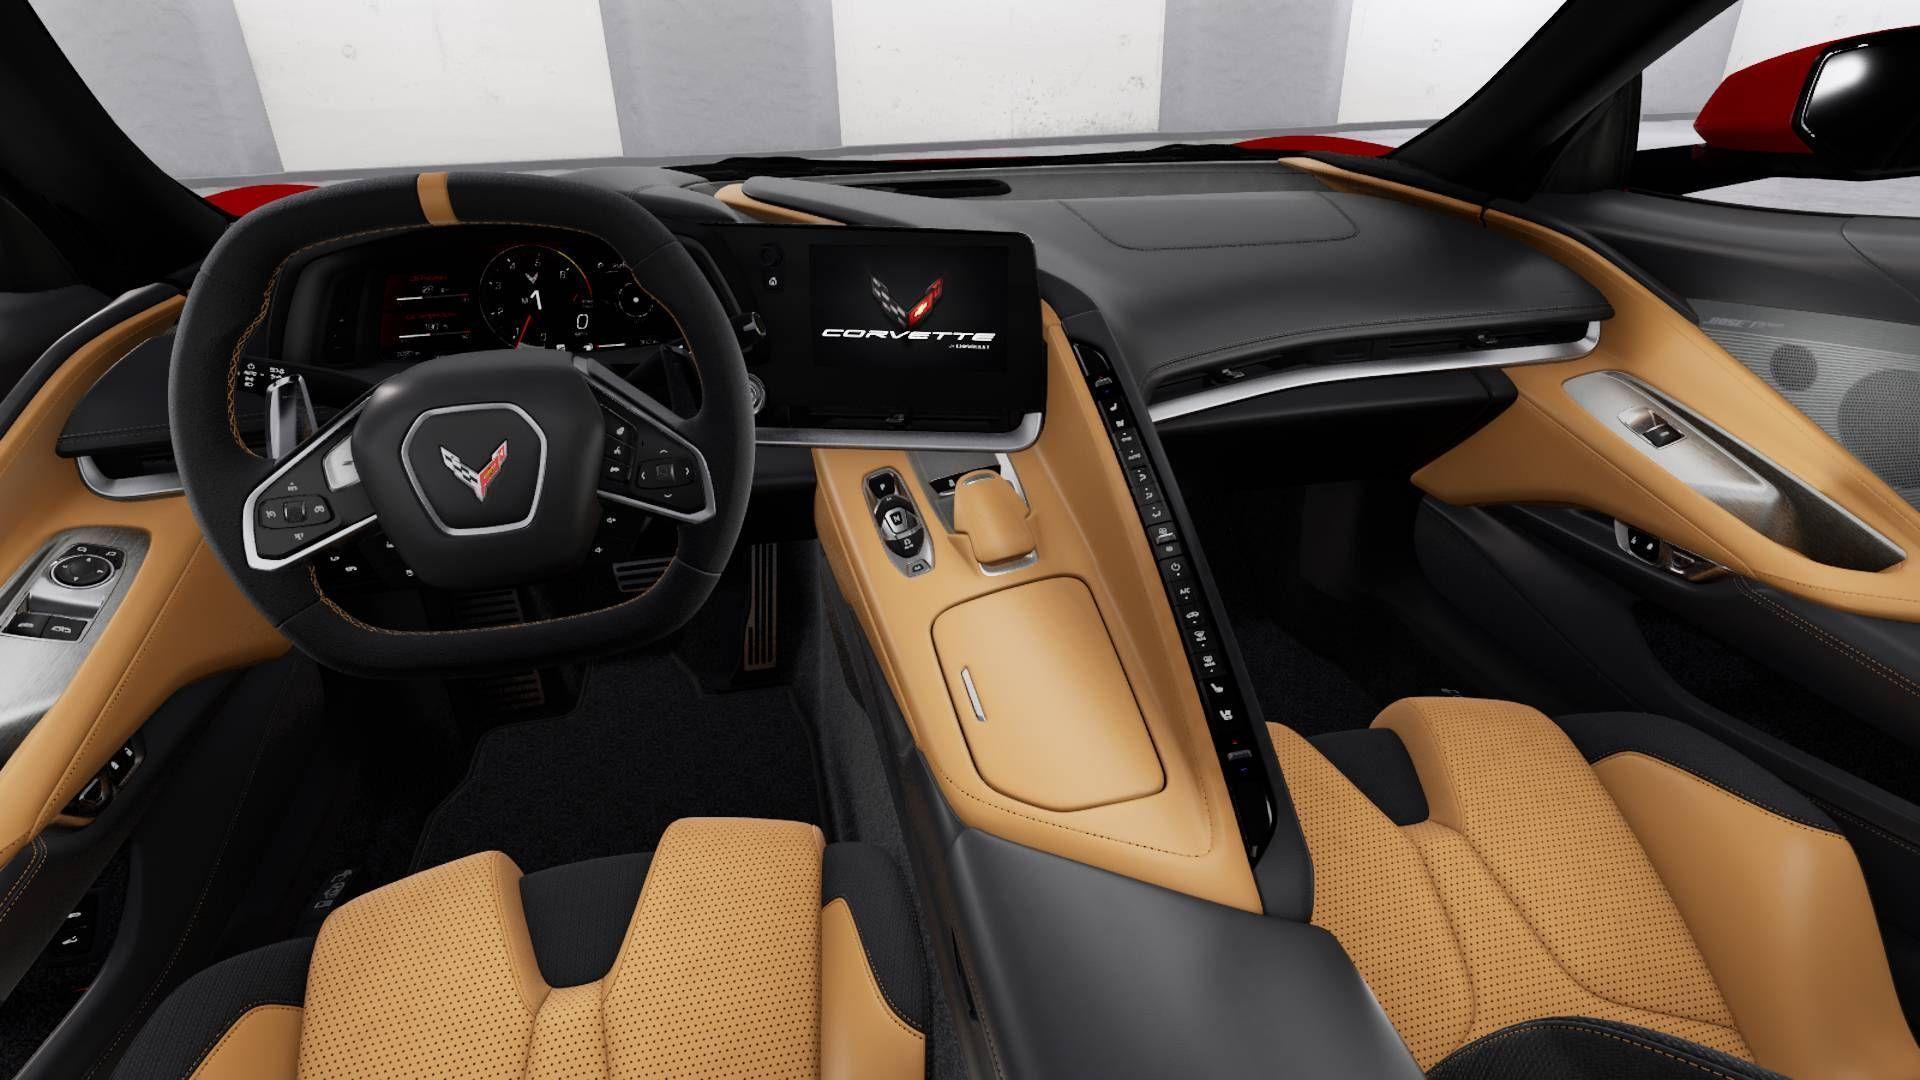 Hier Sind Alle 2020 Corvette Innenfarben Gm Authority Alle Authority Corvette Hier Innenfarben Alle Authority Corvette H In 2020 Innenfarbe Hering Farben